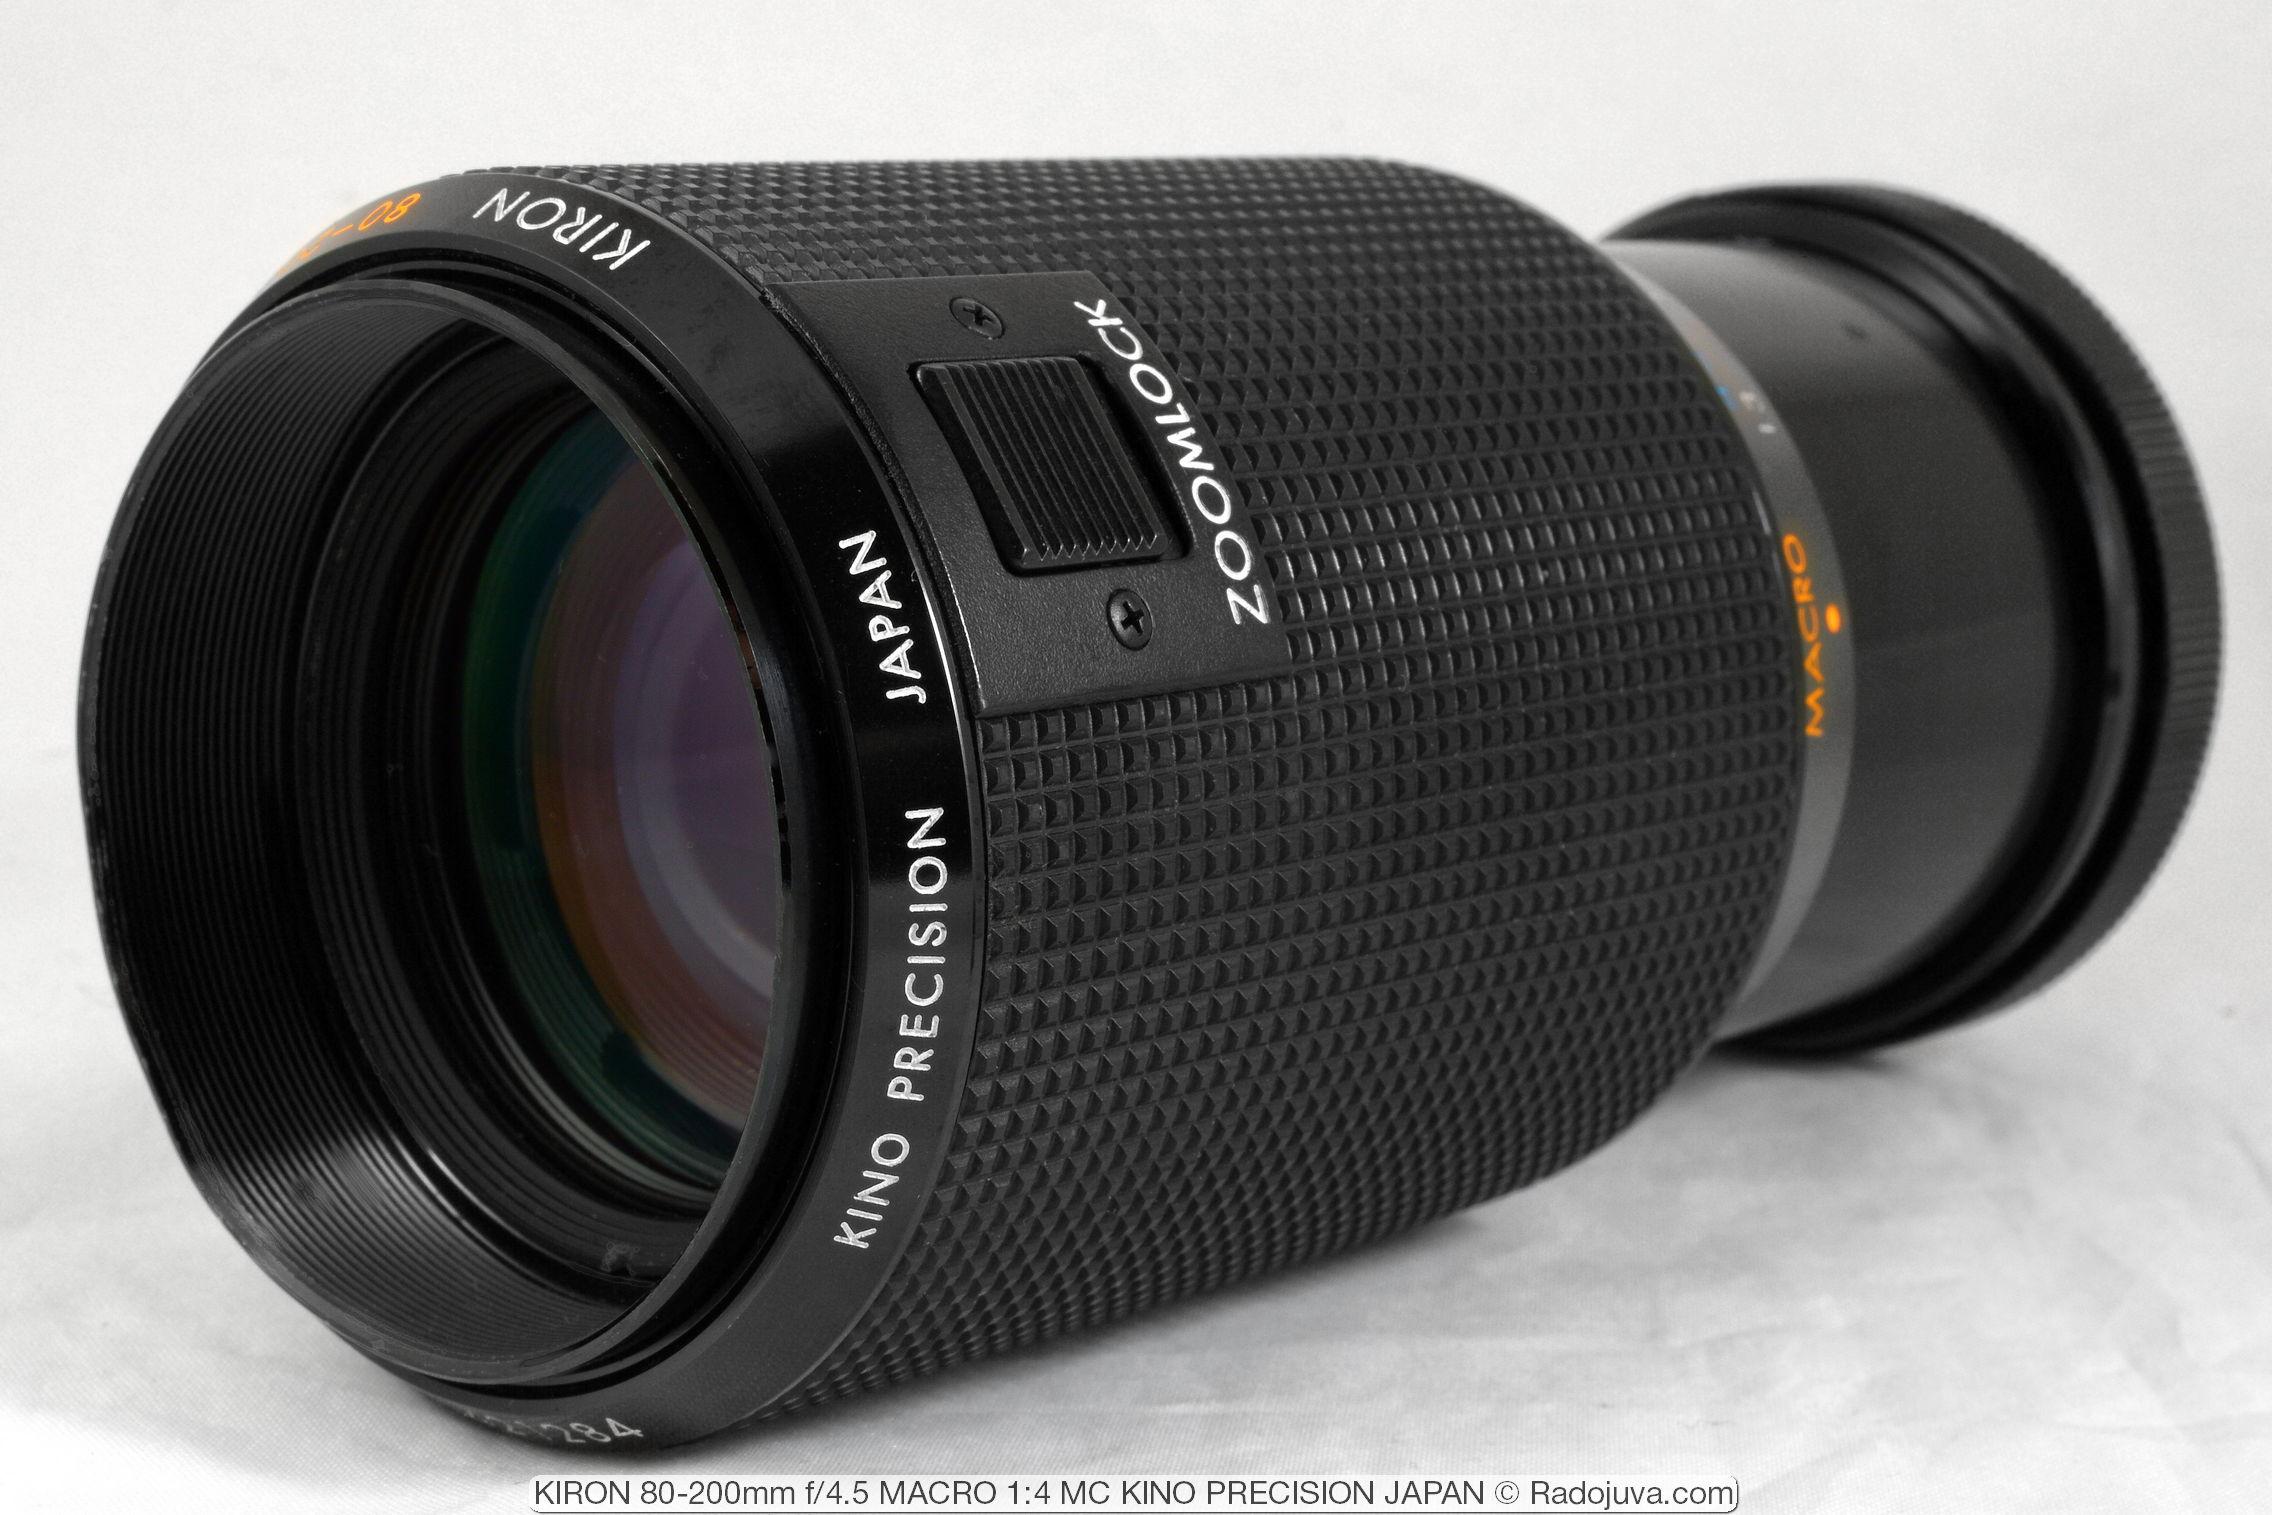 KIRON 80-200mm f/4.5 MACRO 1:4 MC KINO PRECISION